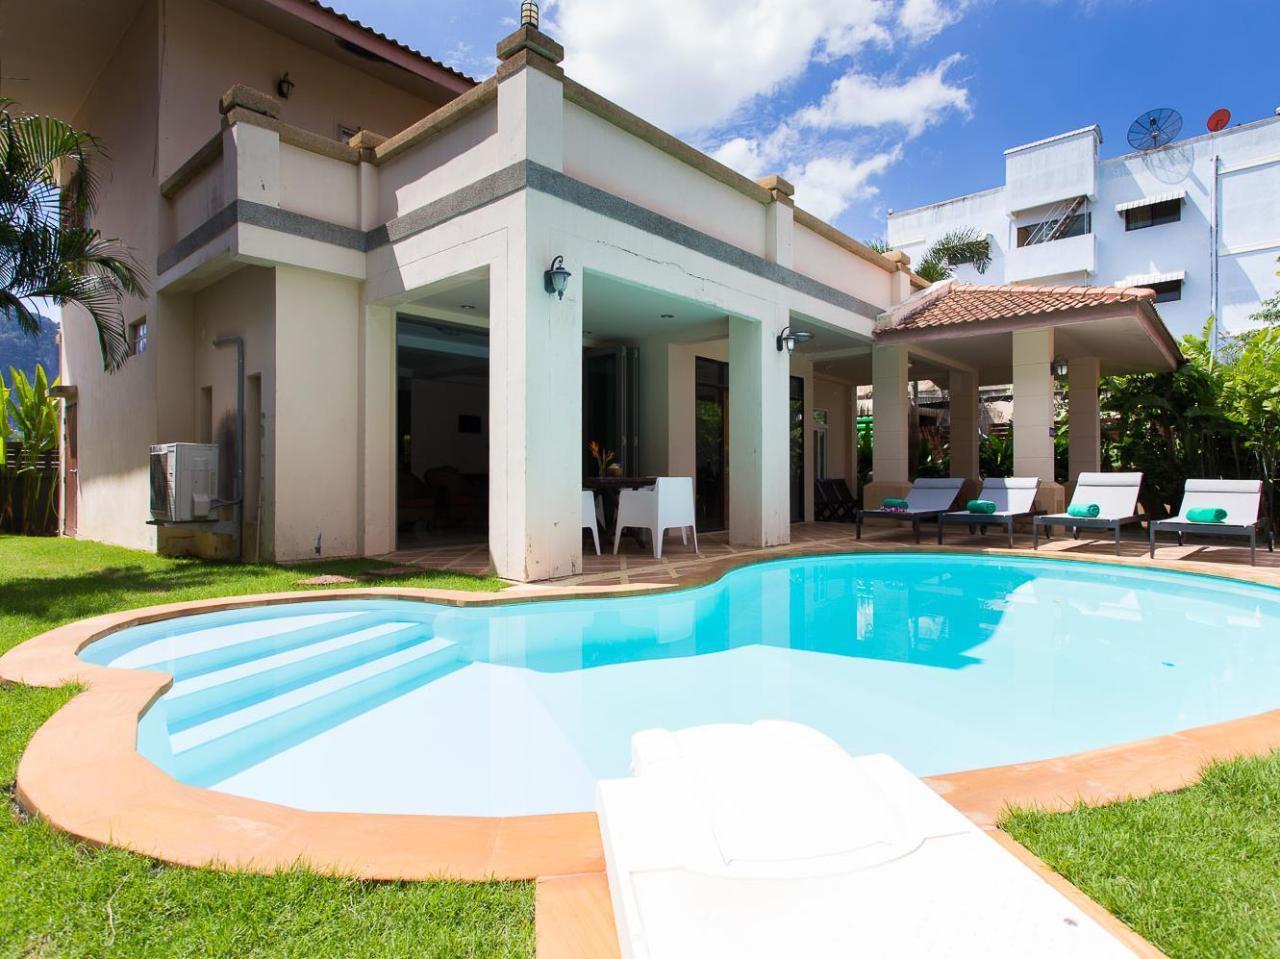 บ้านอันดามัน ไพรเวท พูล วิลลา (Baan Andaman Private Pool Villa)